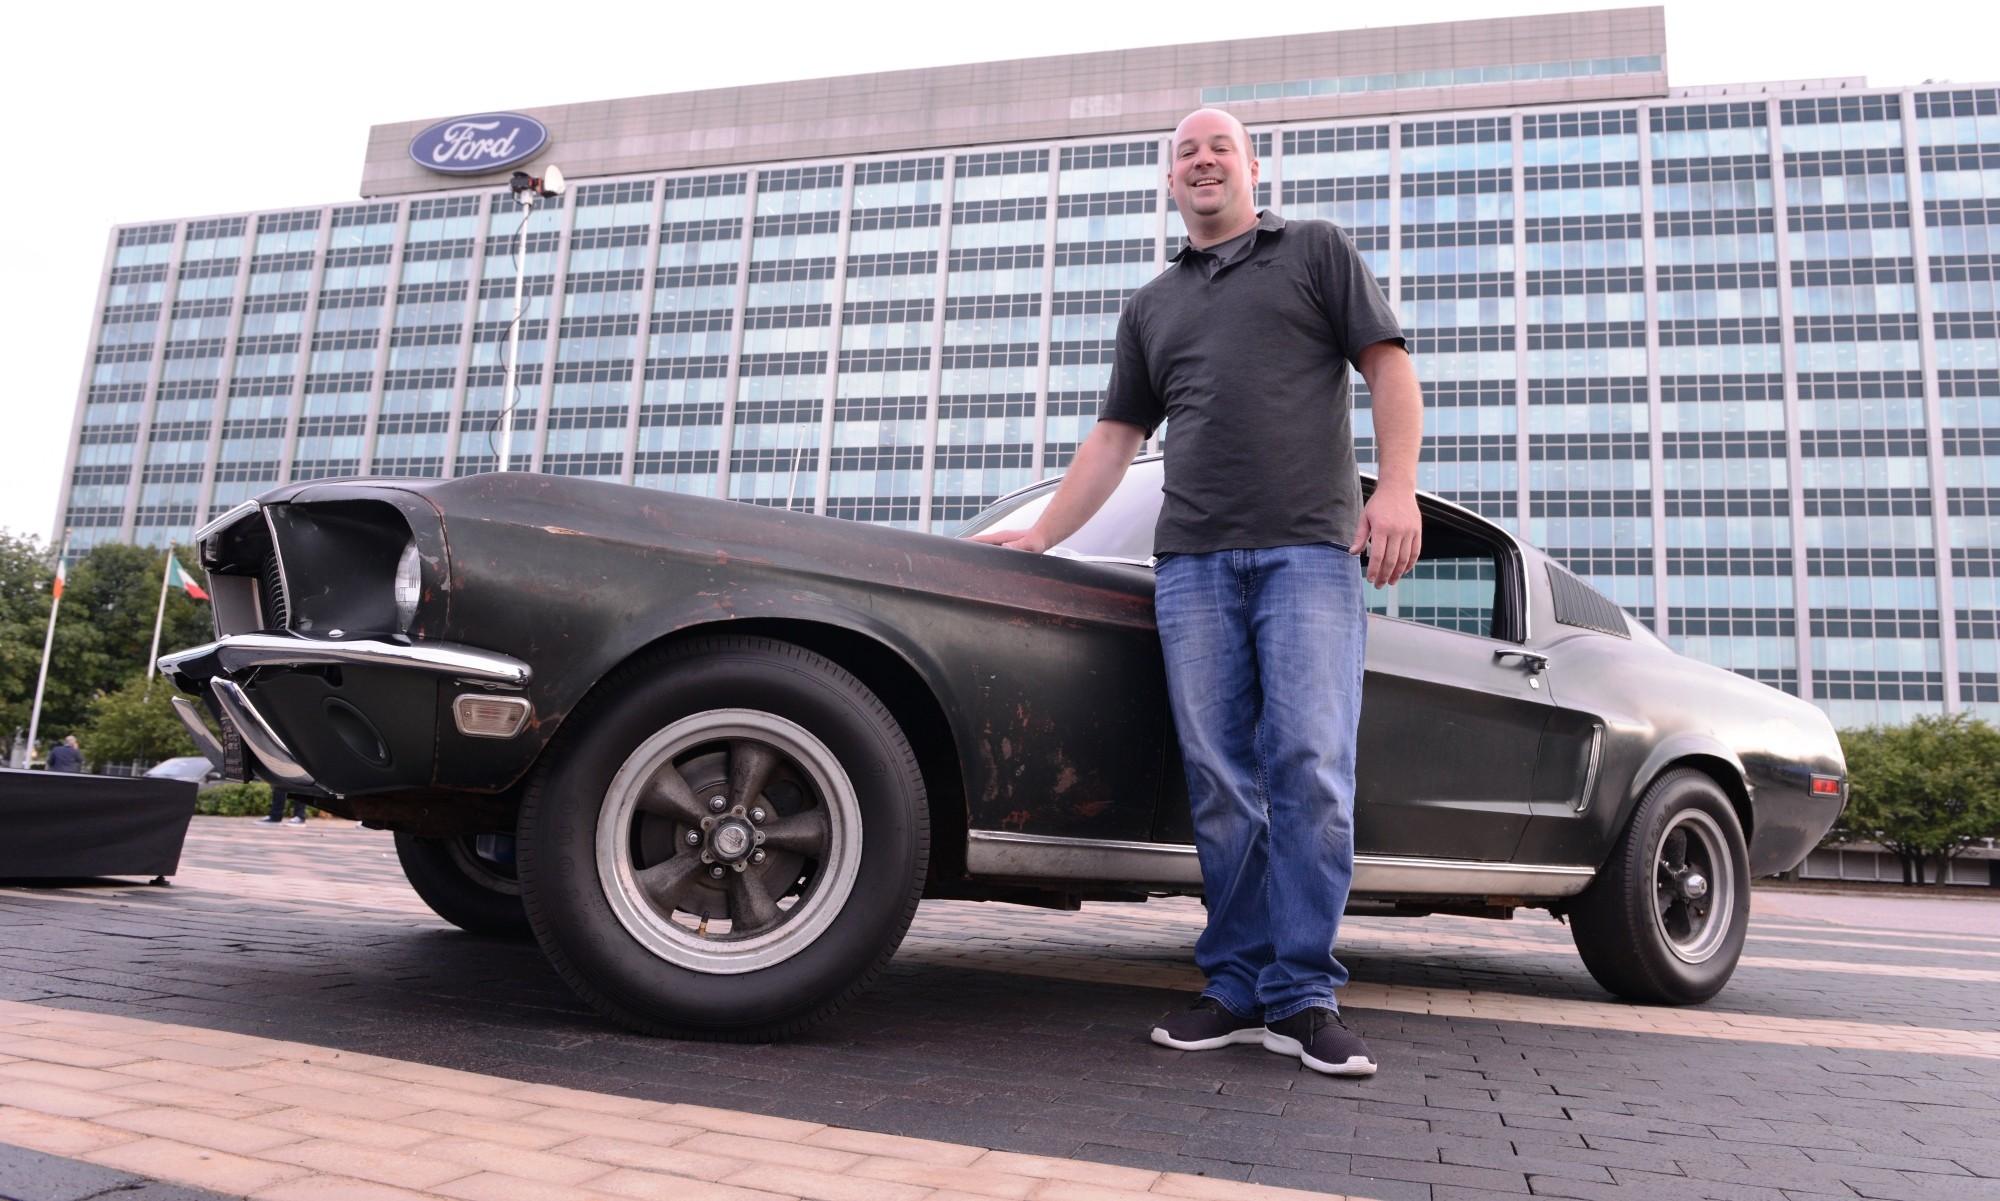 The Bullitt Mustang